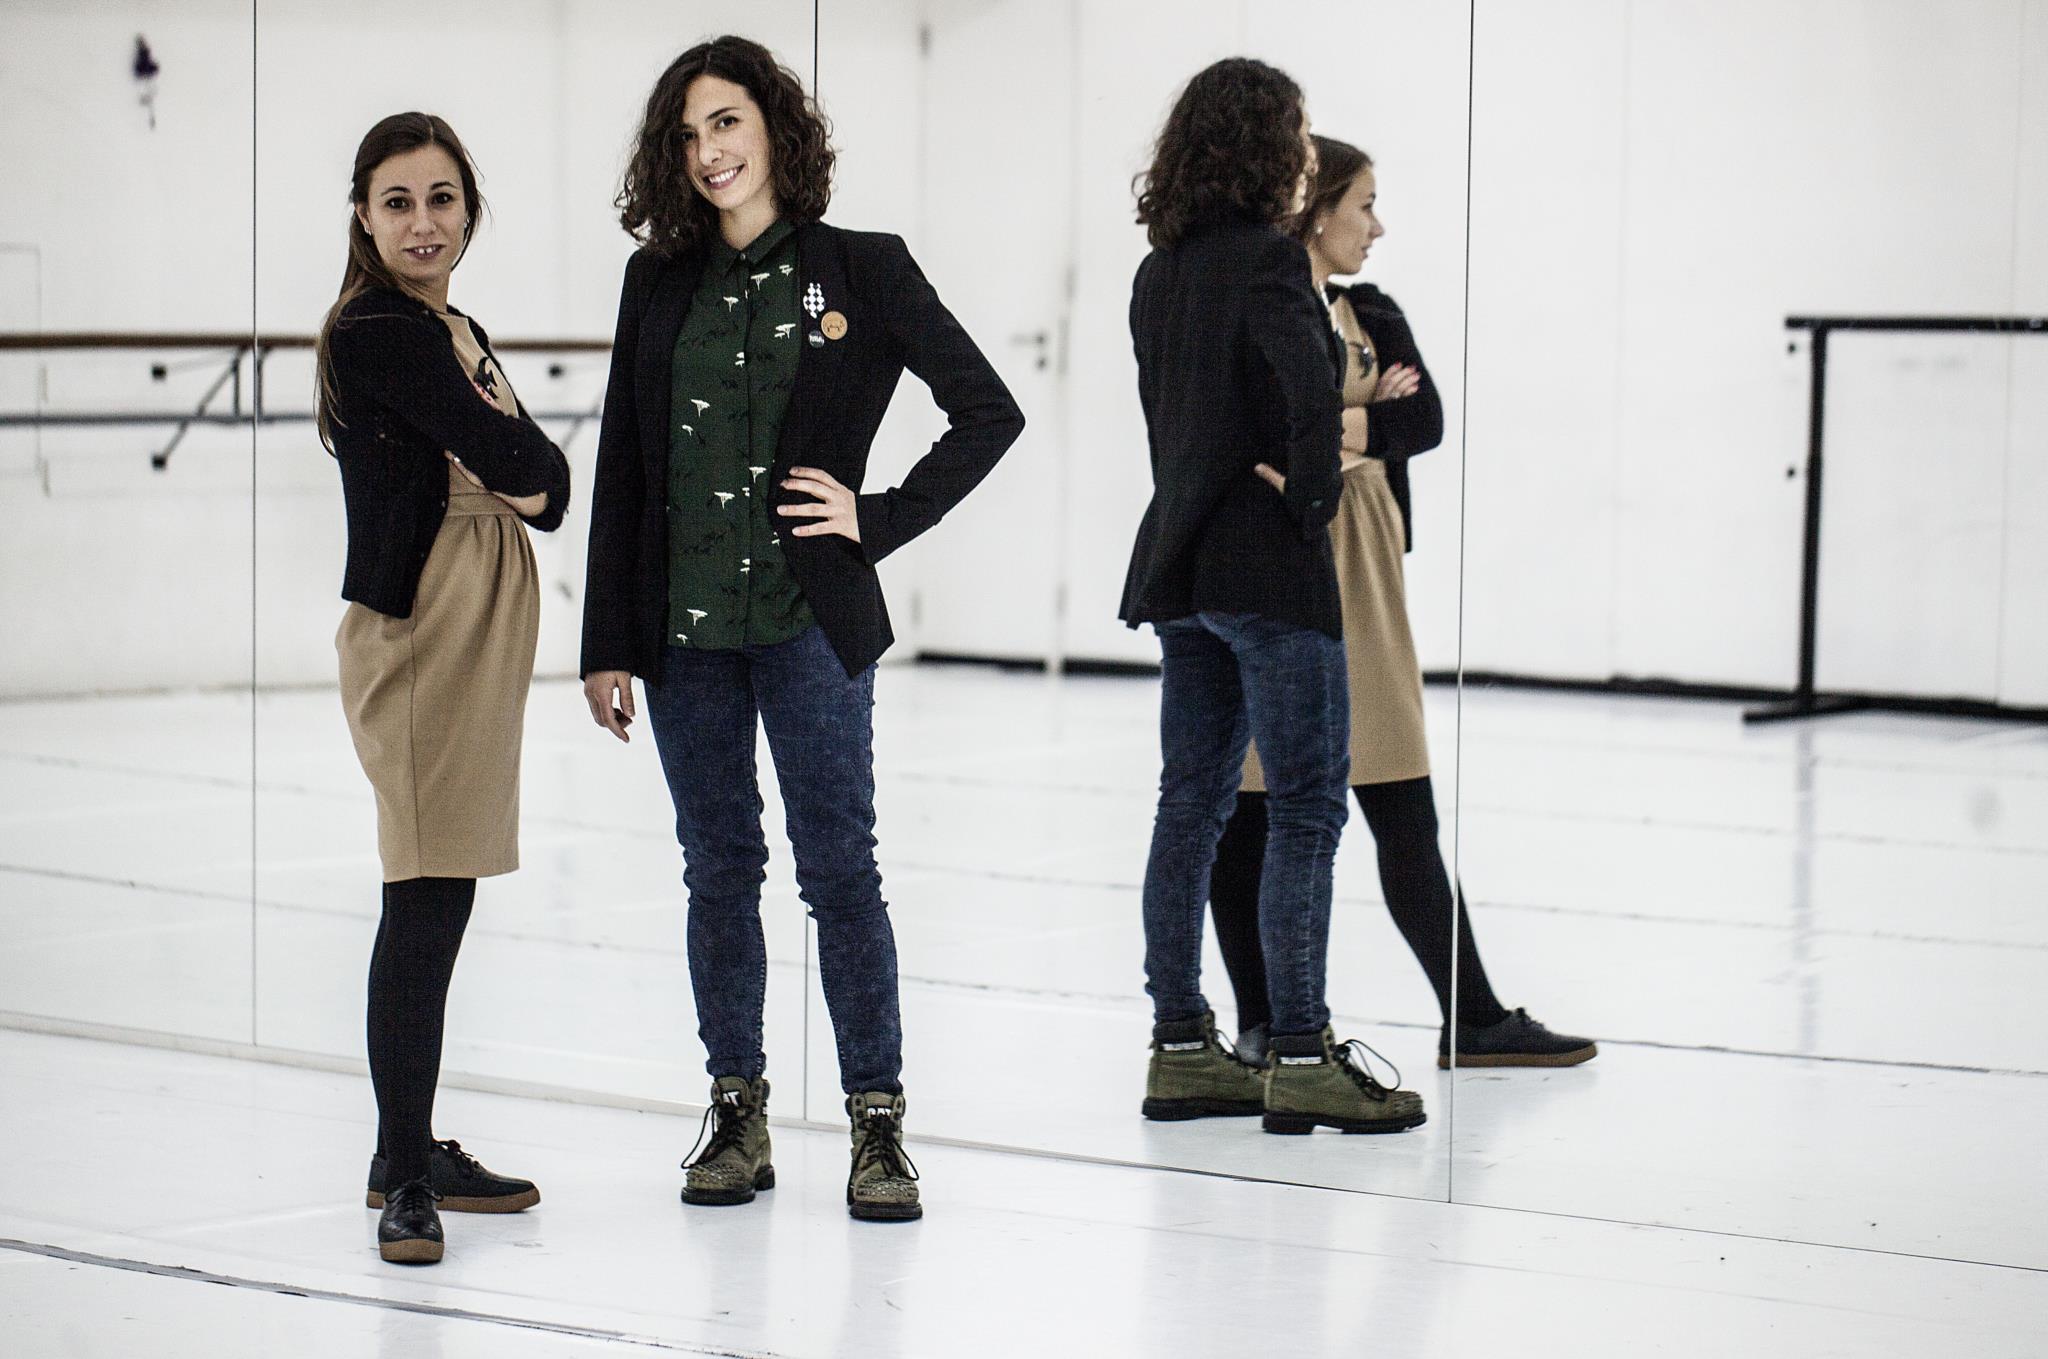 PÚBLICO - Companhia de Dança de Matosinhos é um sonho cada vez mais real